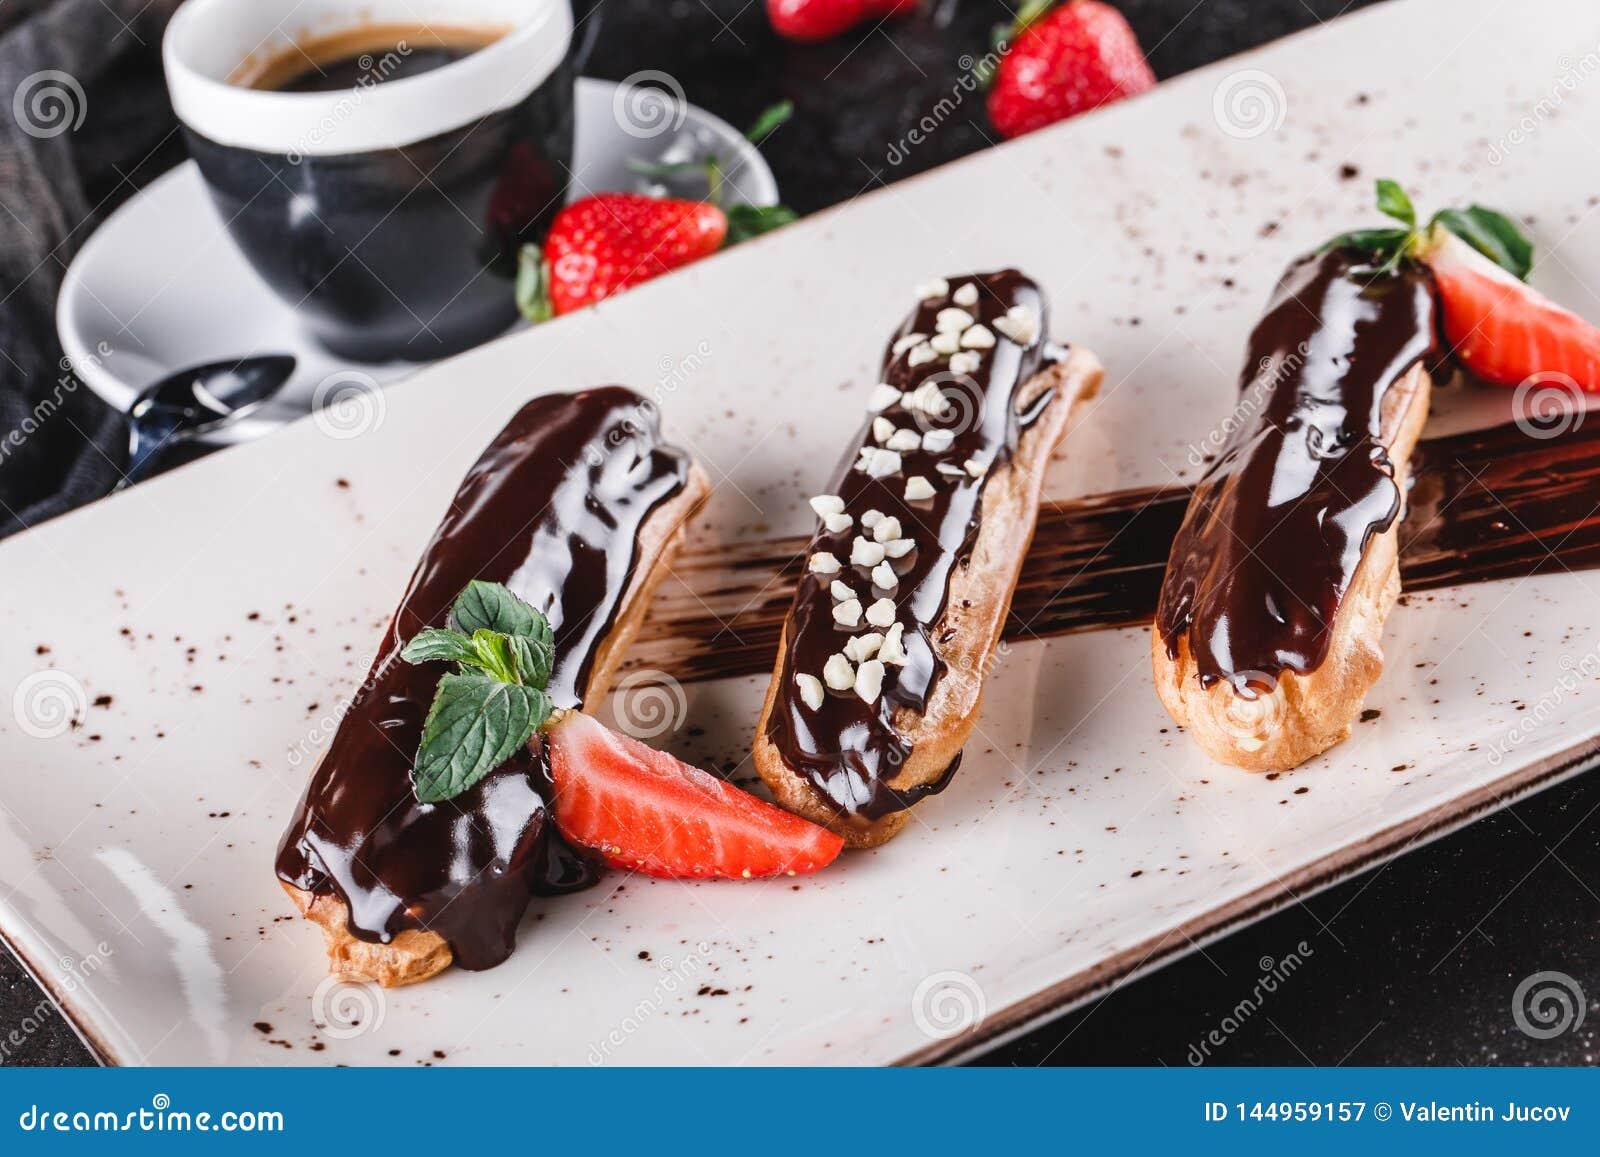 Eclairs caseiros ou profiteroles do bolo com creme, chocolate e morangos no fundo escuro servido com x?cara de caf